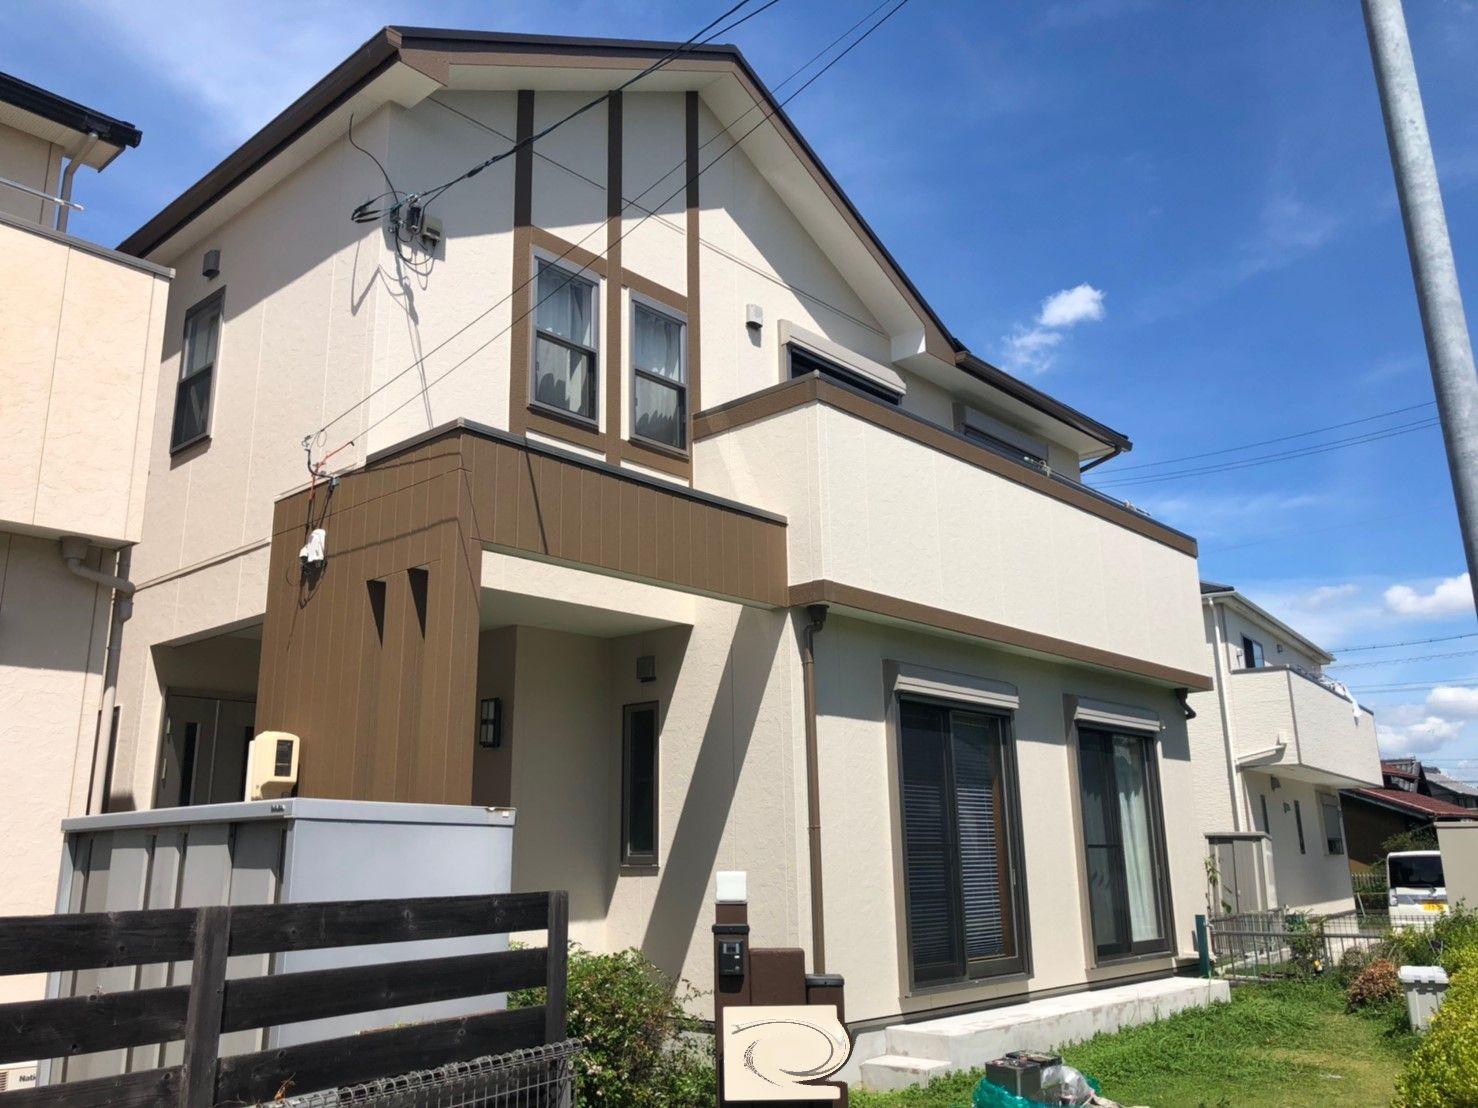 大治町 W様邸 外壁・屋根塗装工事のご紹介をさせていただきます。 築12年。 築年数とコーキング...